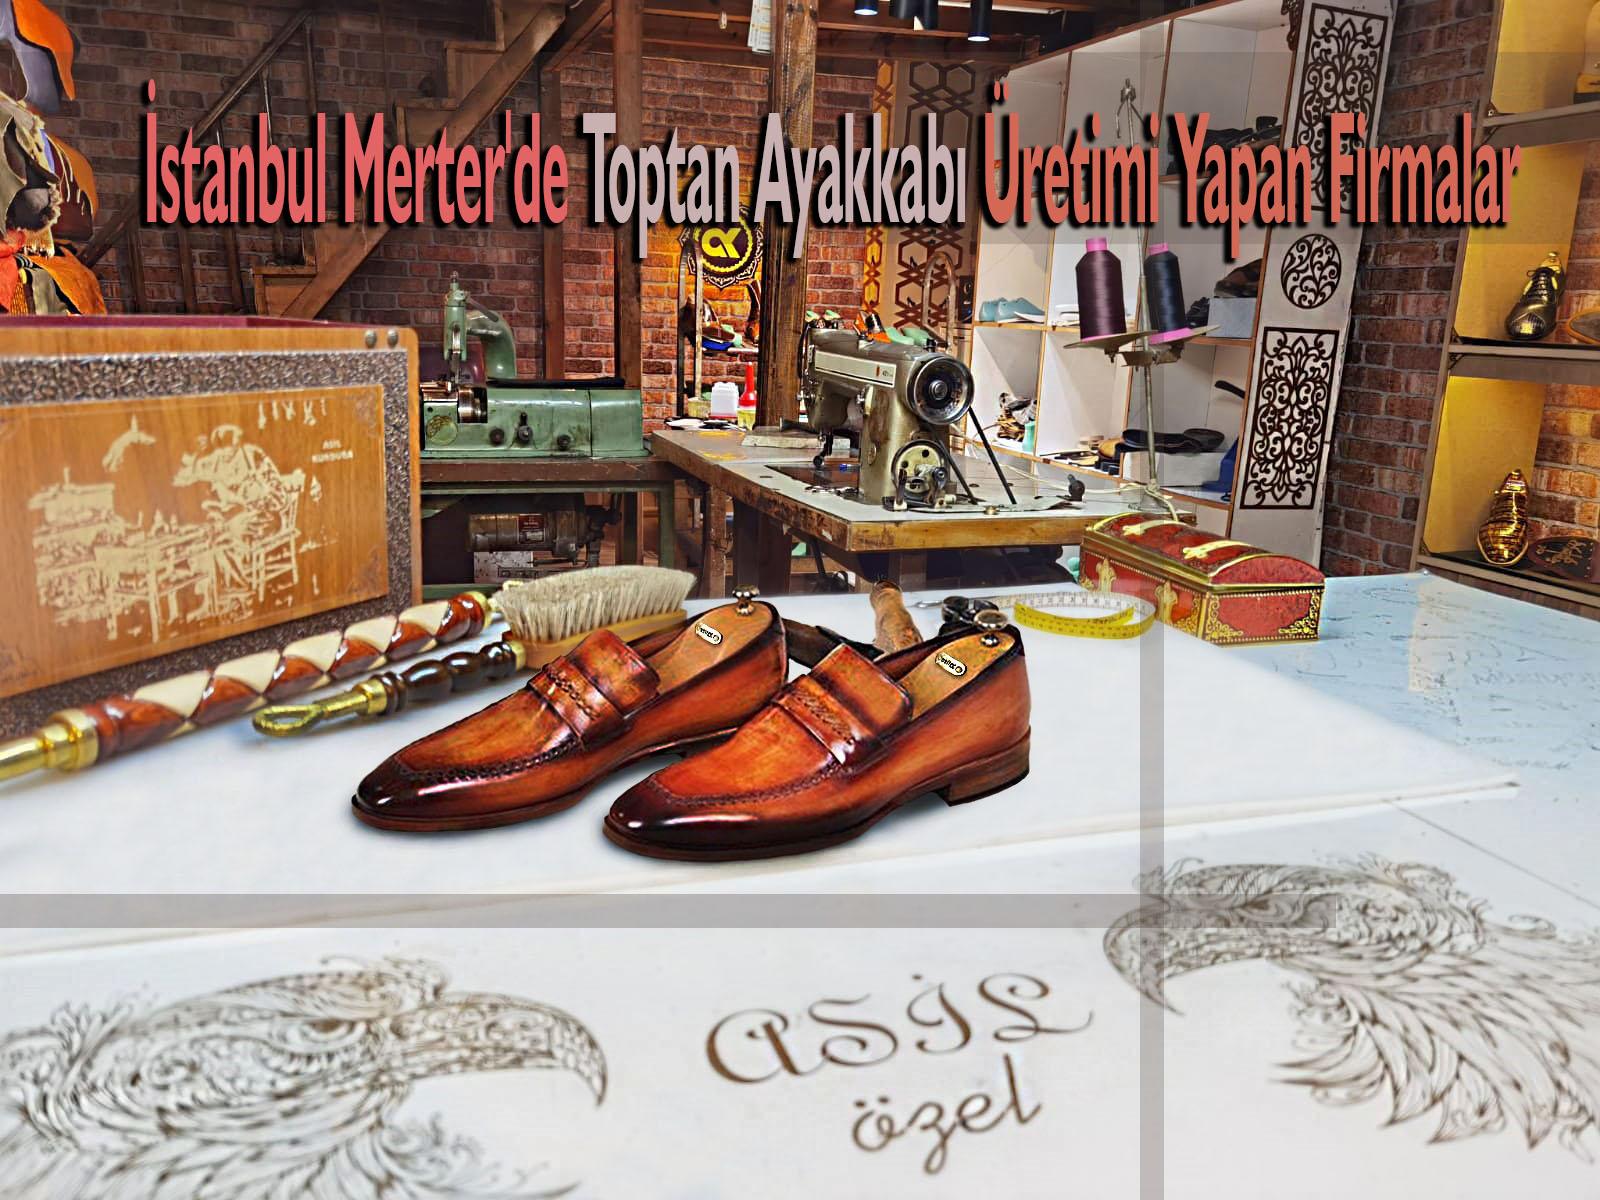 İstanbul Merter'de Toptan Ayakkabı Üretimi Yapan Firmalar